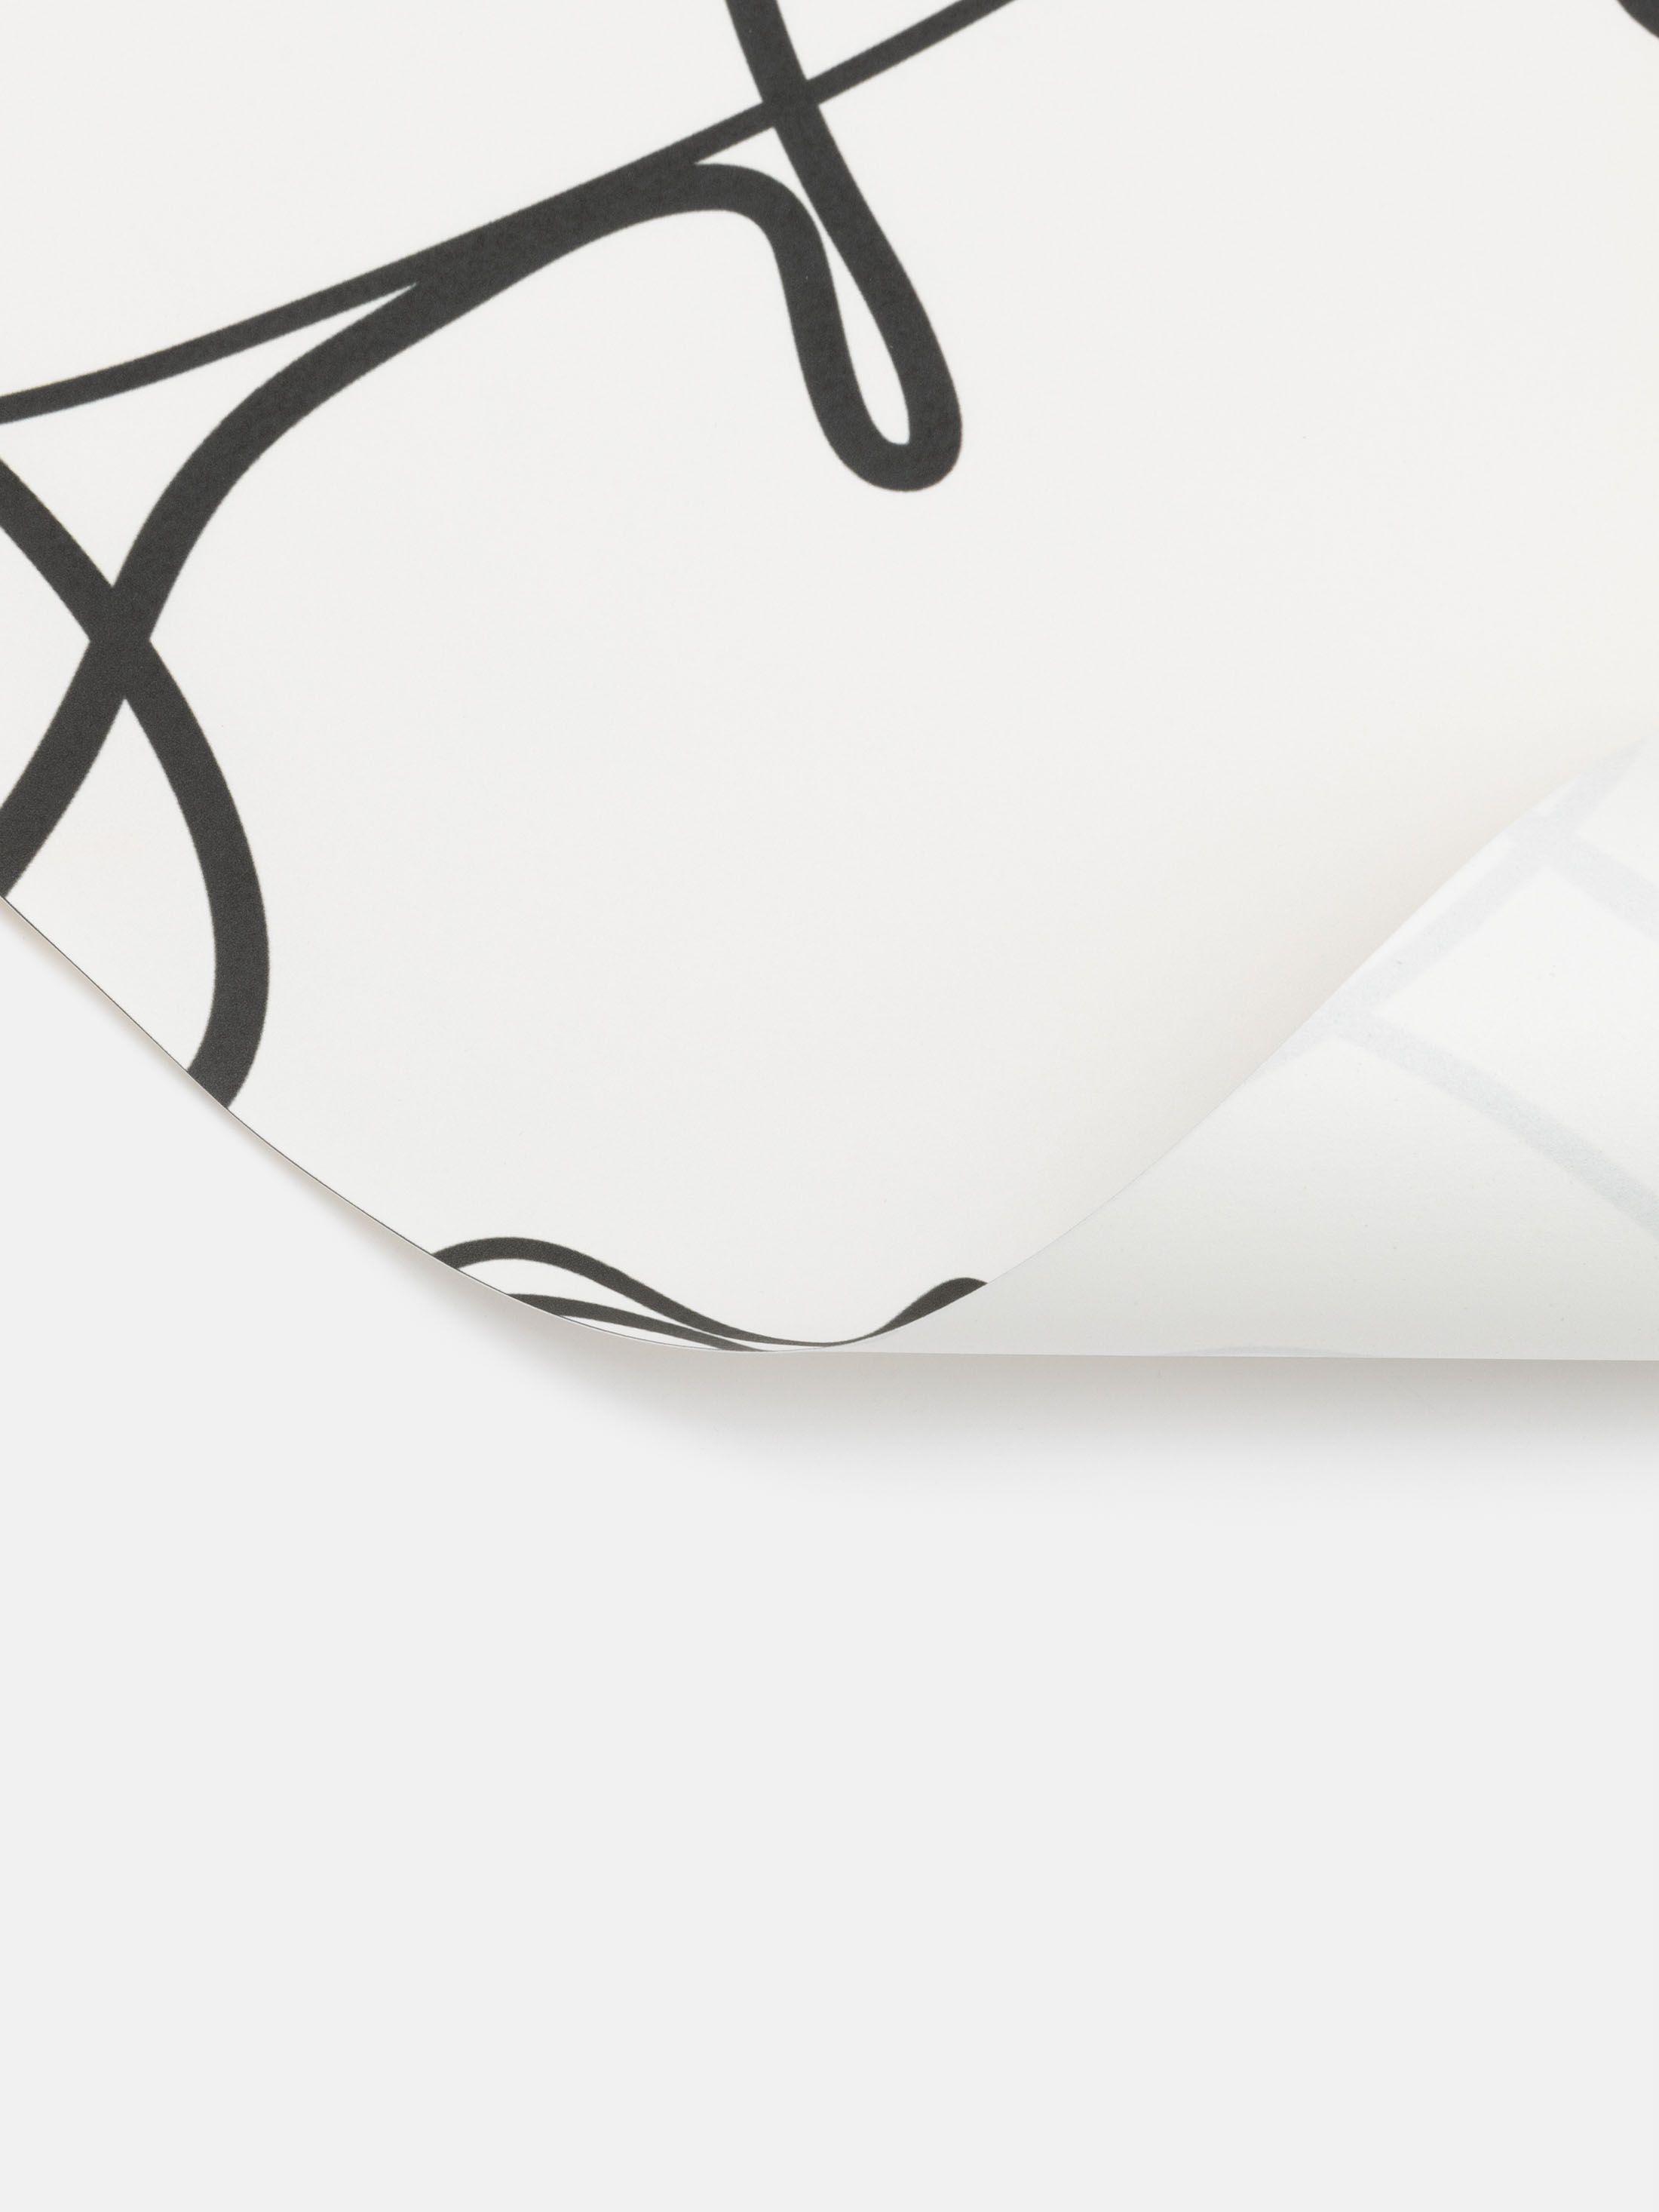 オリジナル デザイン壁紙を作成